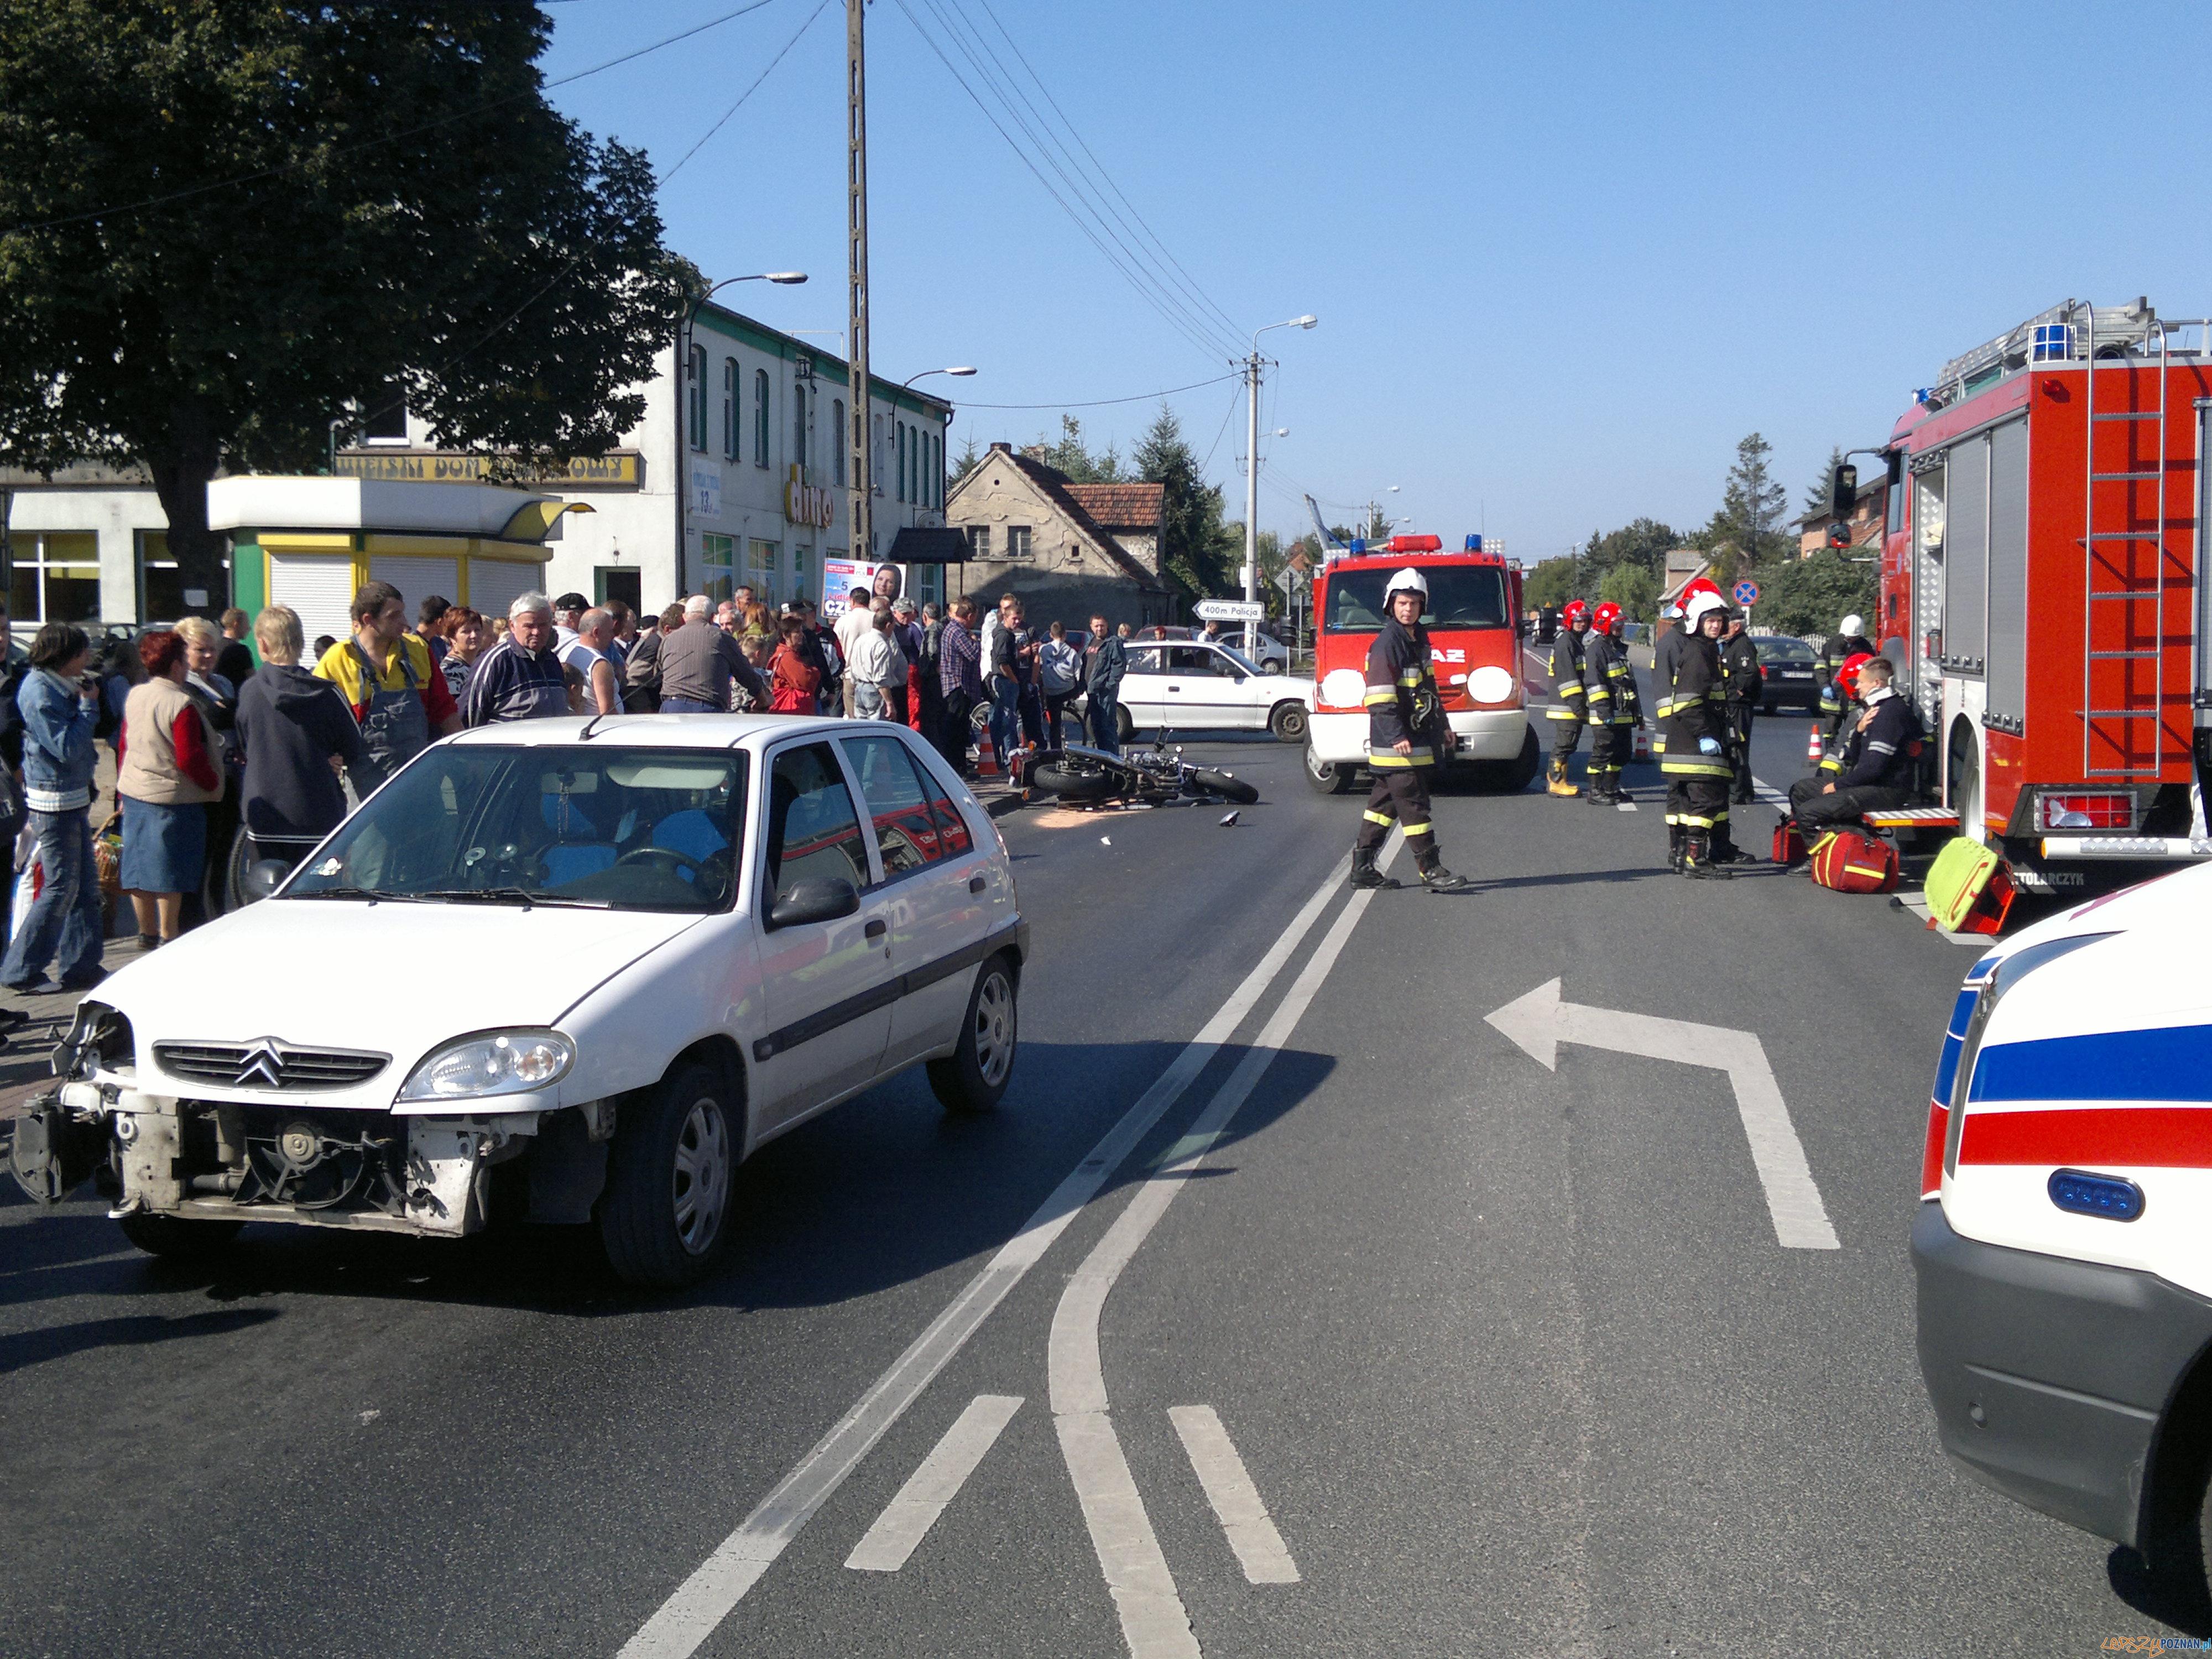 Wypadek w Kotlinie  Foto: Piotr Woldański